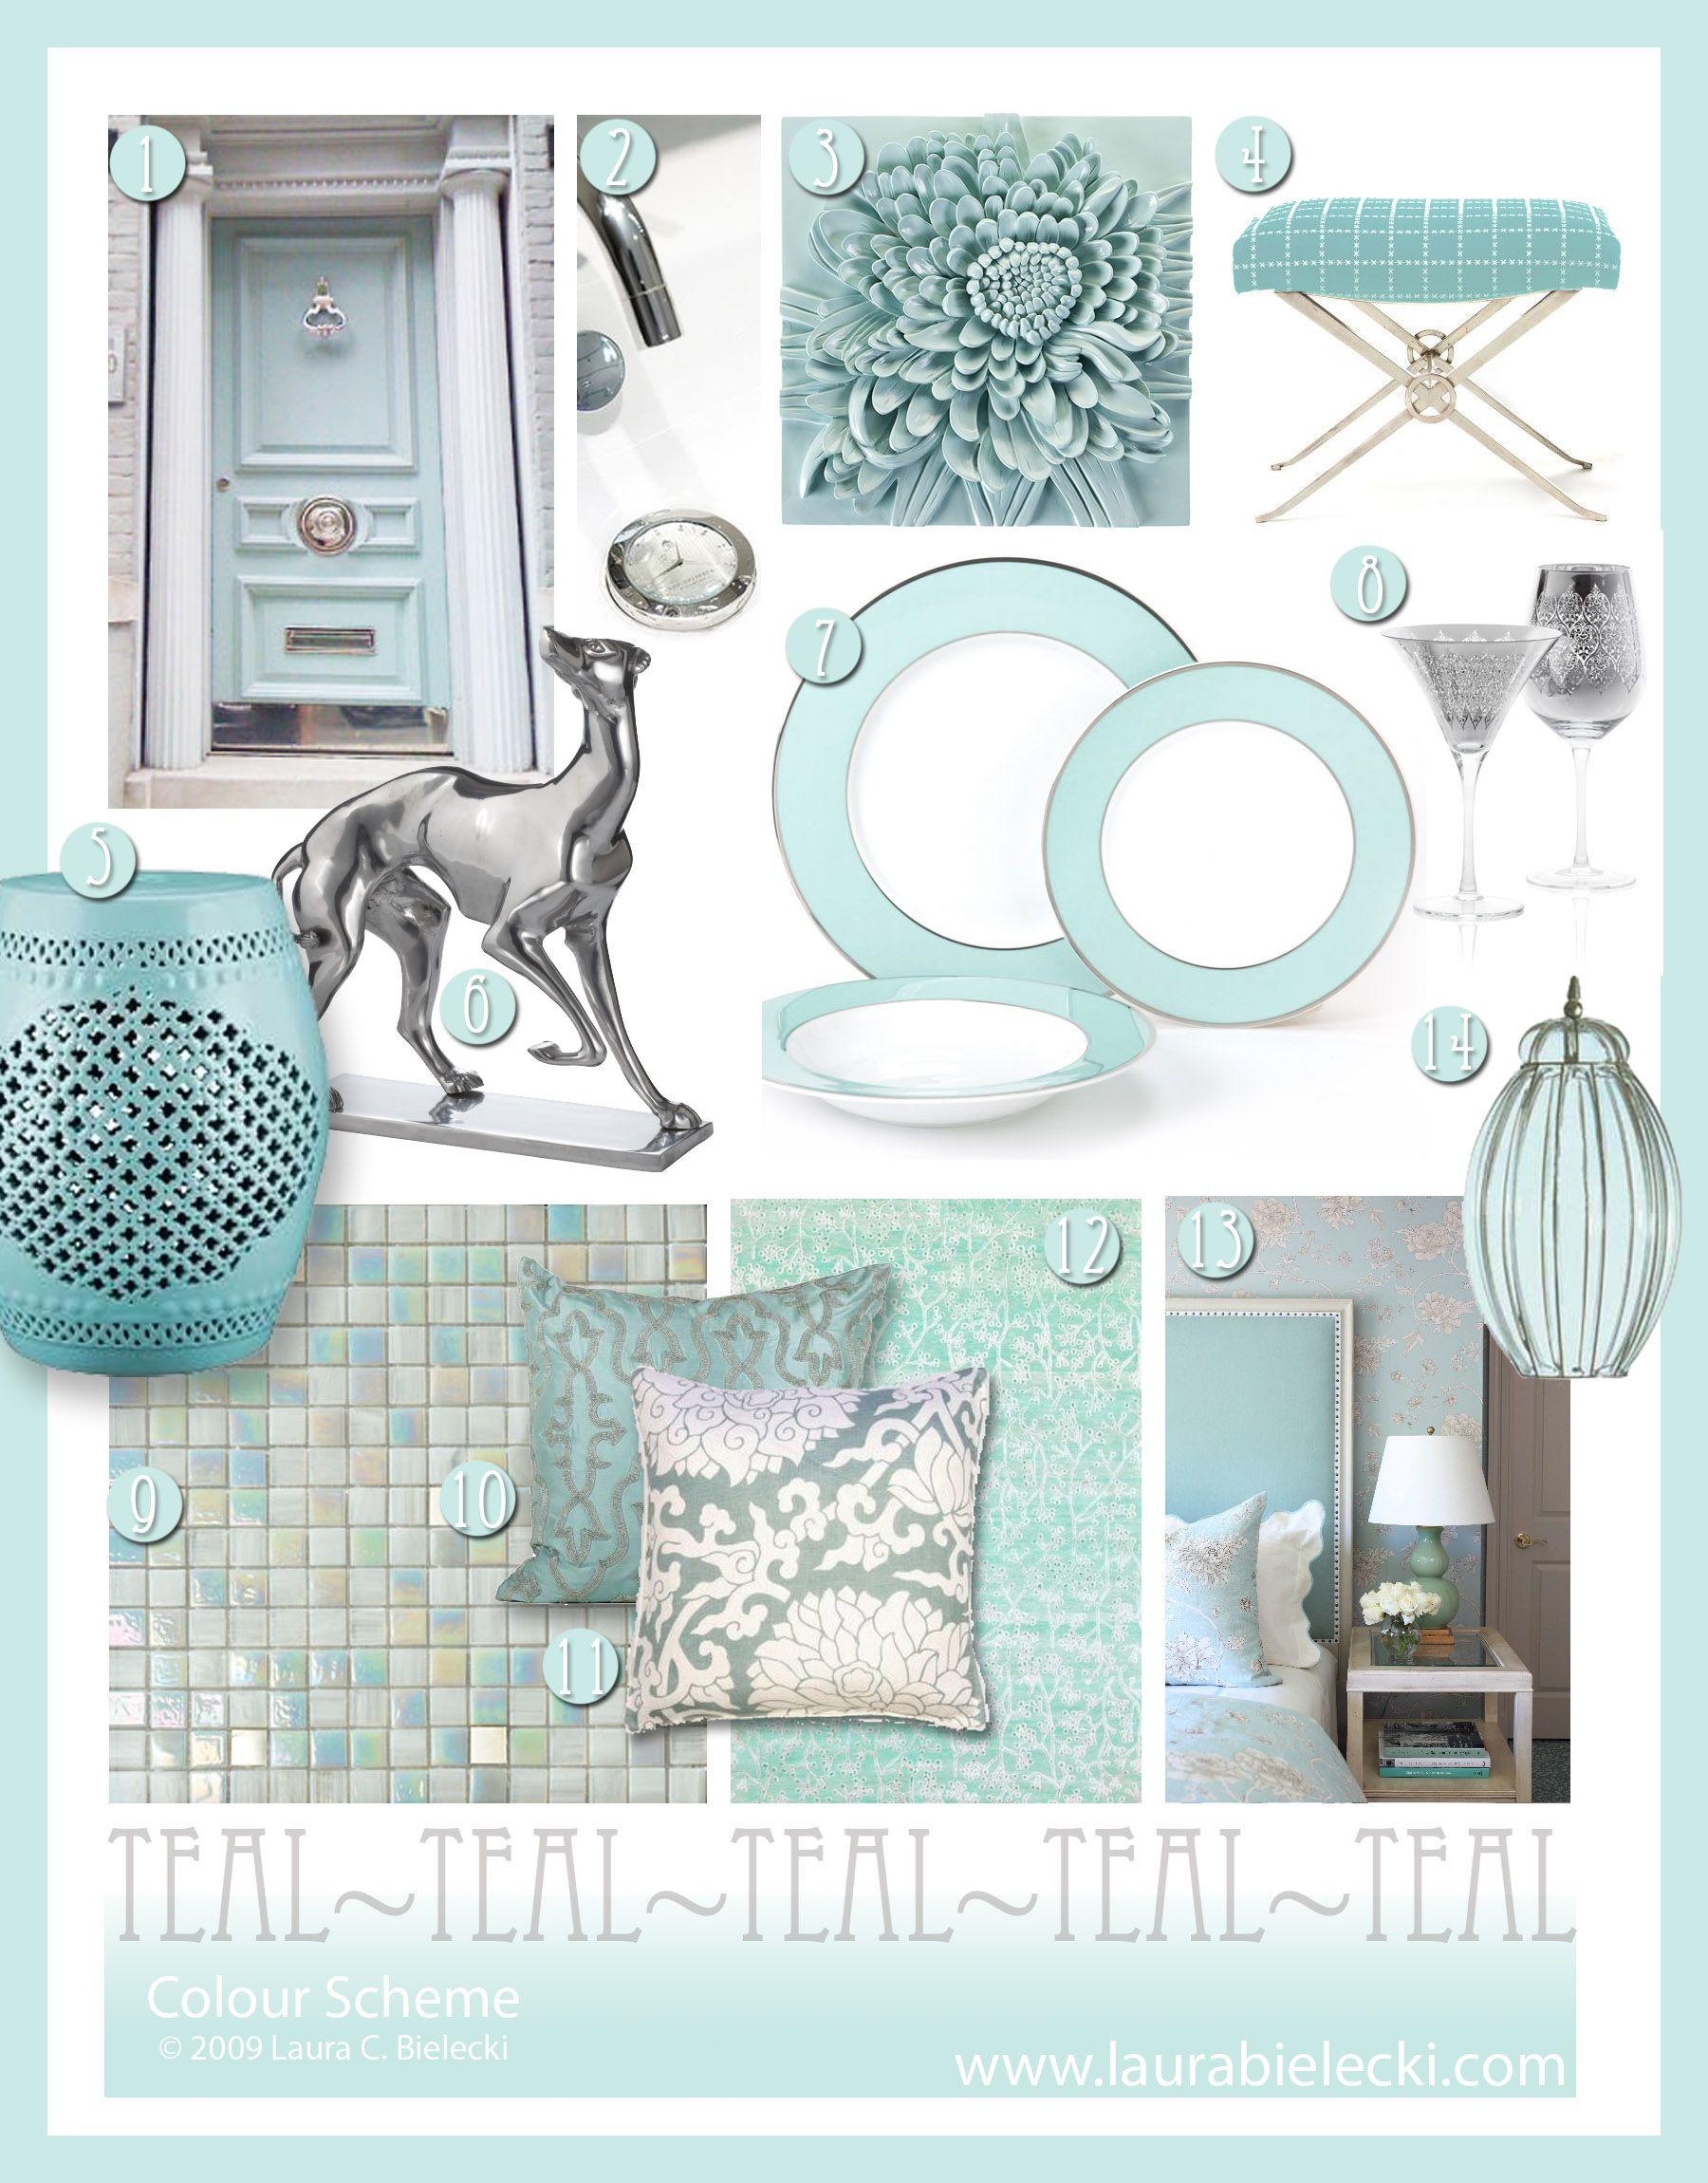 Accessoires Salle De Bain Couleur Aqua ~ aqua teal turquoise teal appeal pinterest